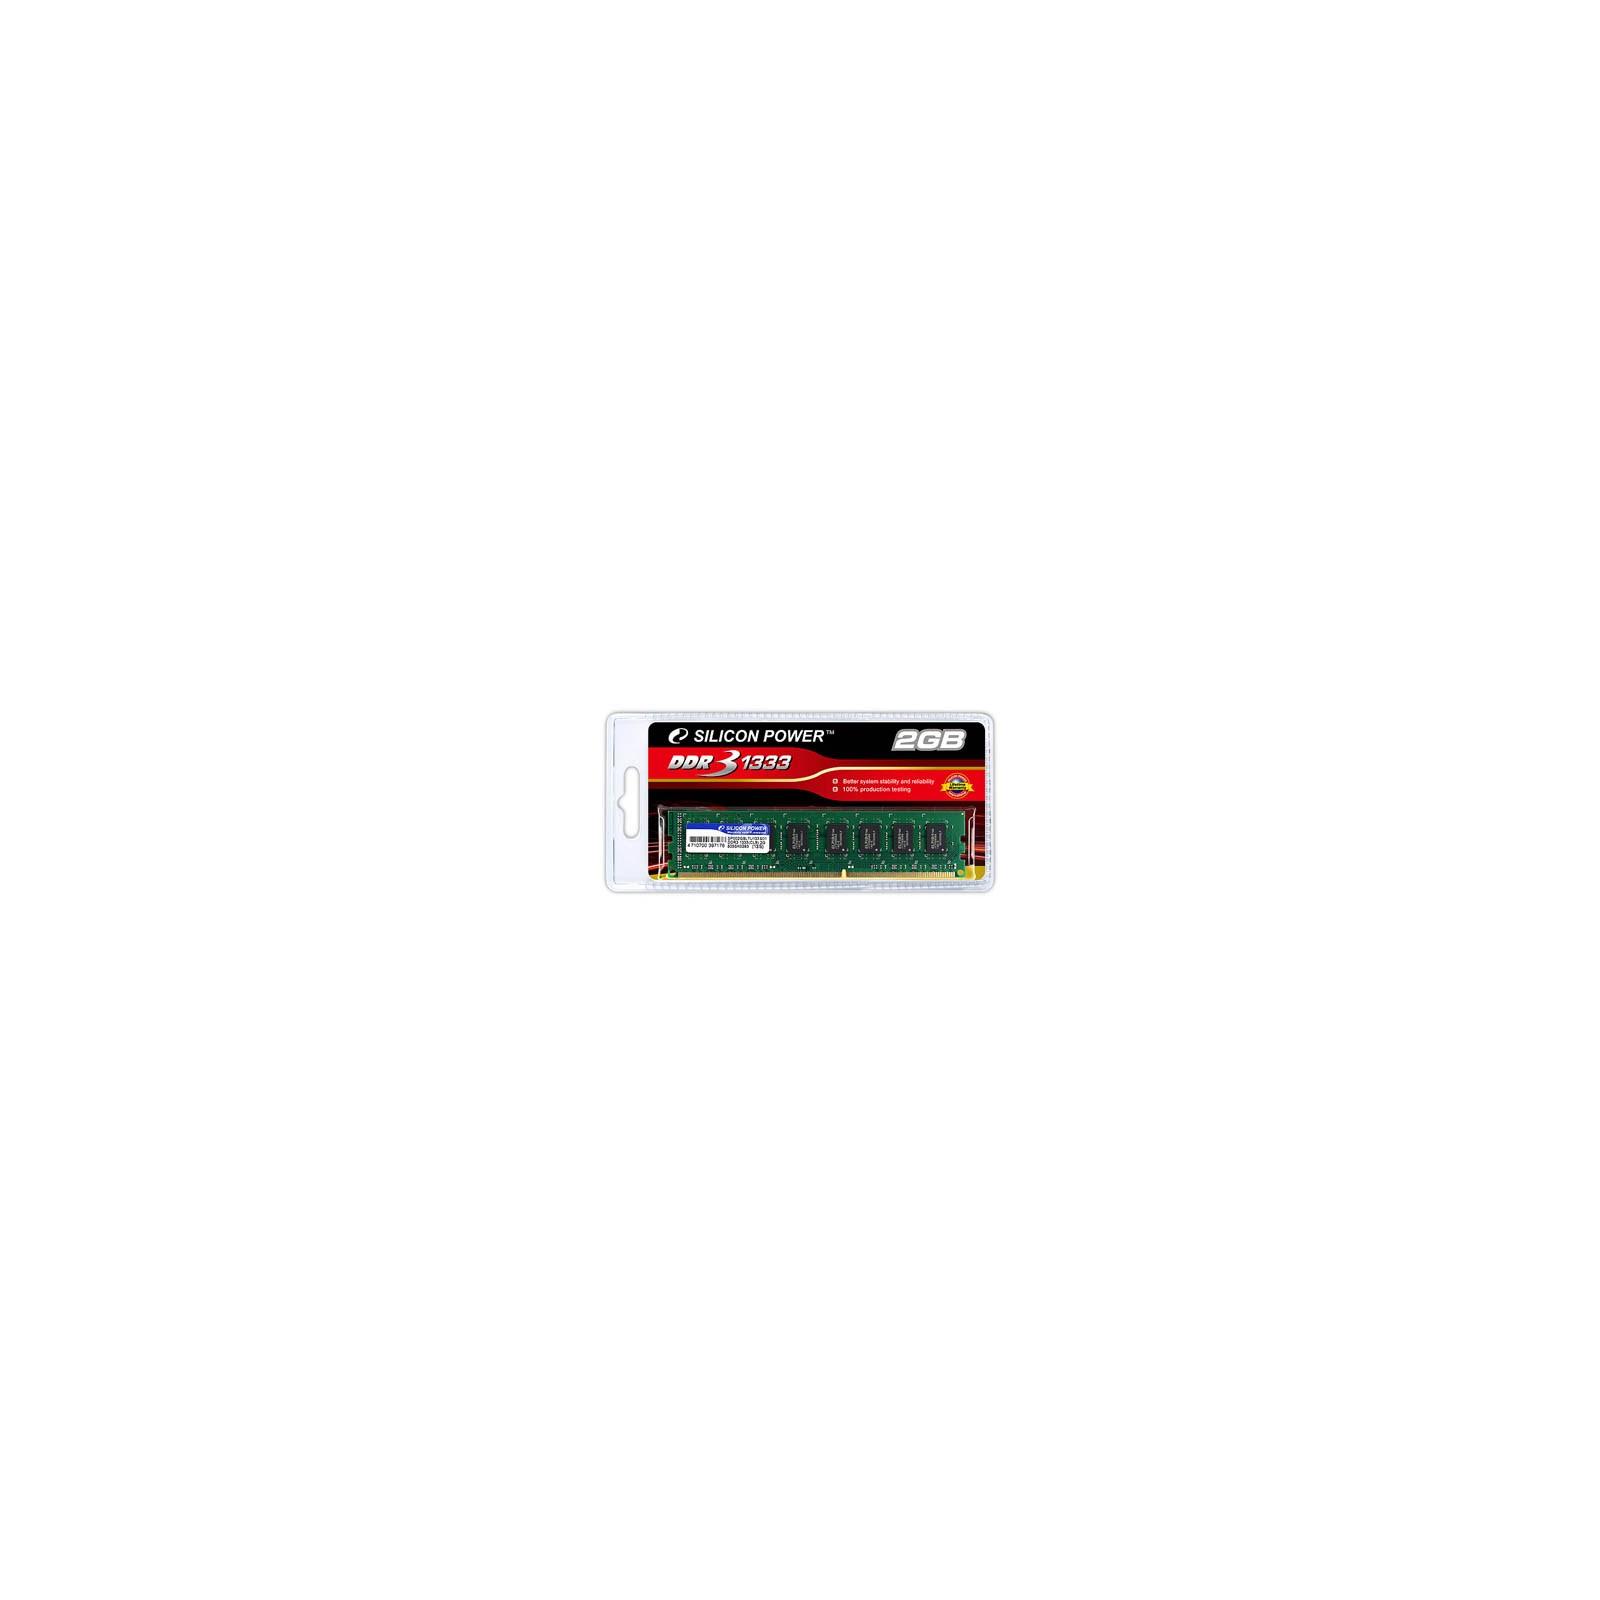 Модуль памяти для компьютера DDR3 2GB 1333 MHz Silicon Power (SP002GBLTU133V02 / SP002GBLTU133S02)